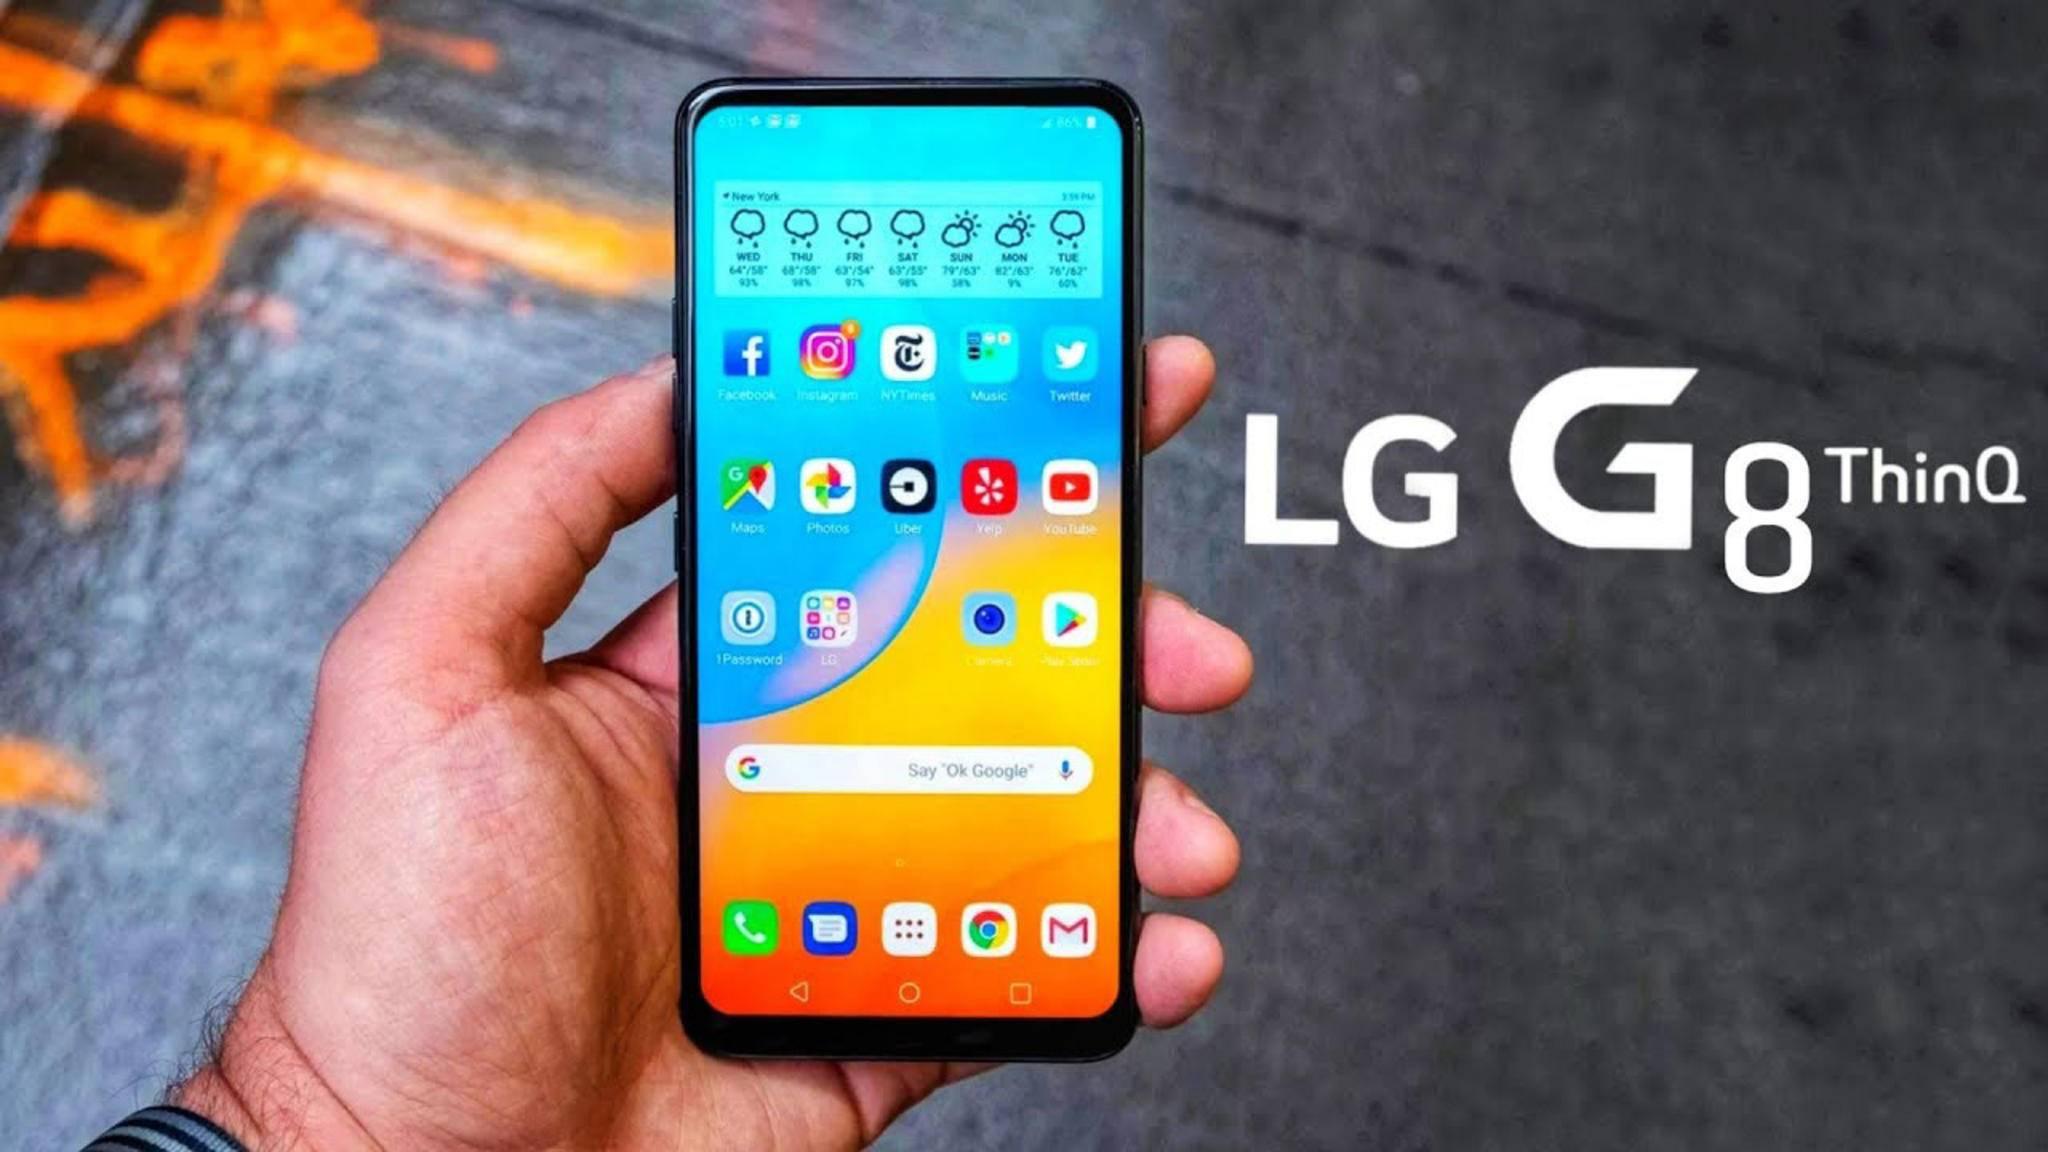 Das Display des LG G8 ThinQ soll ordentlich vibrieren und somit als Lautsprecher fungieren.